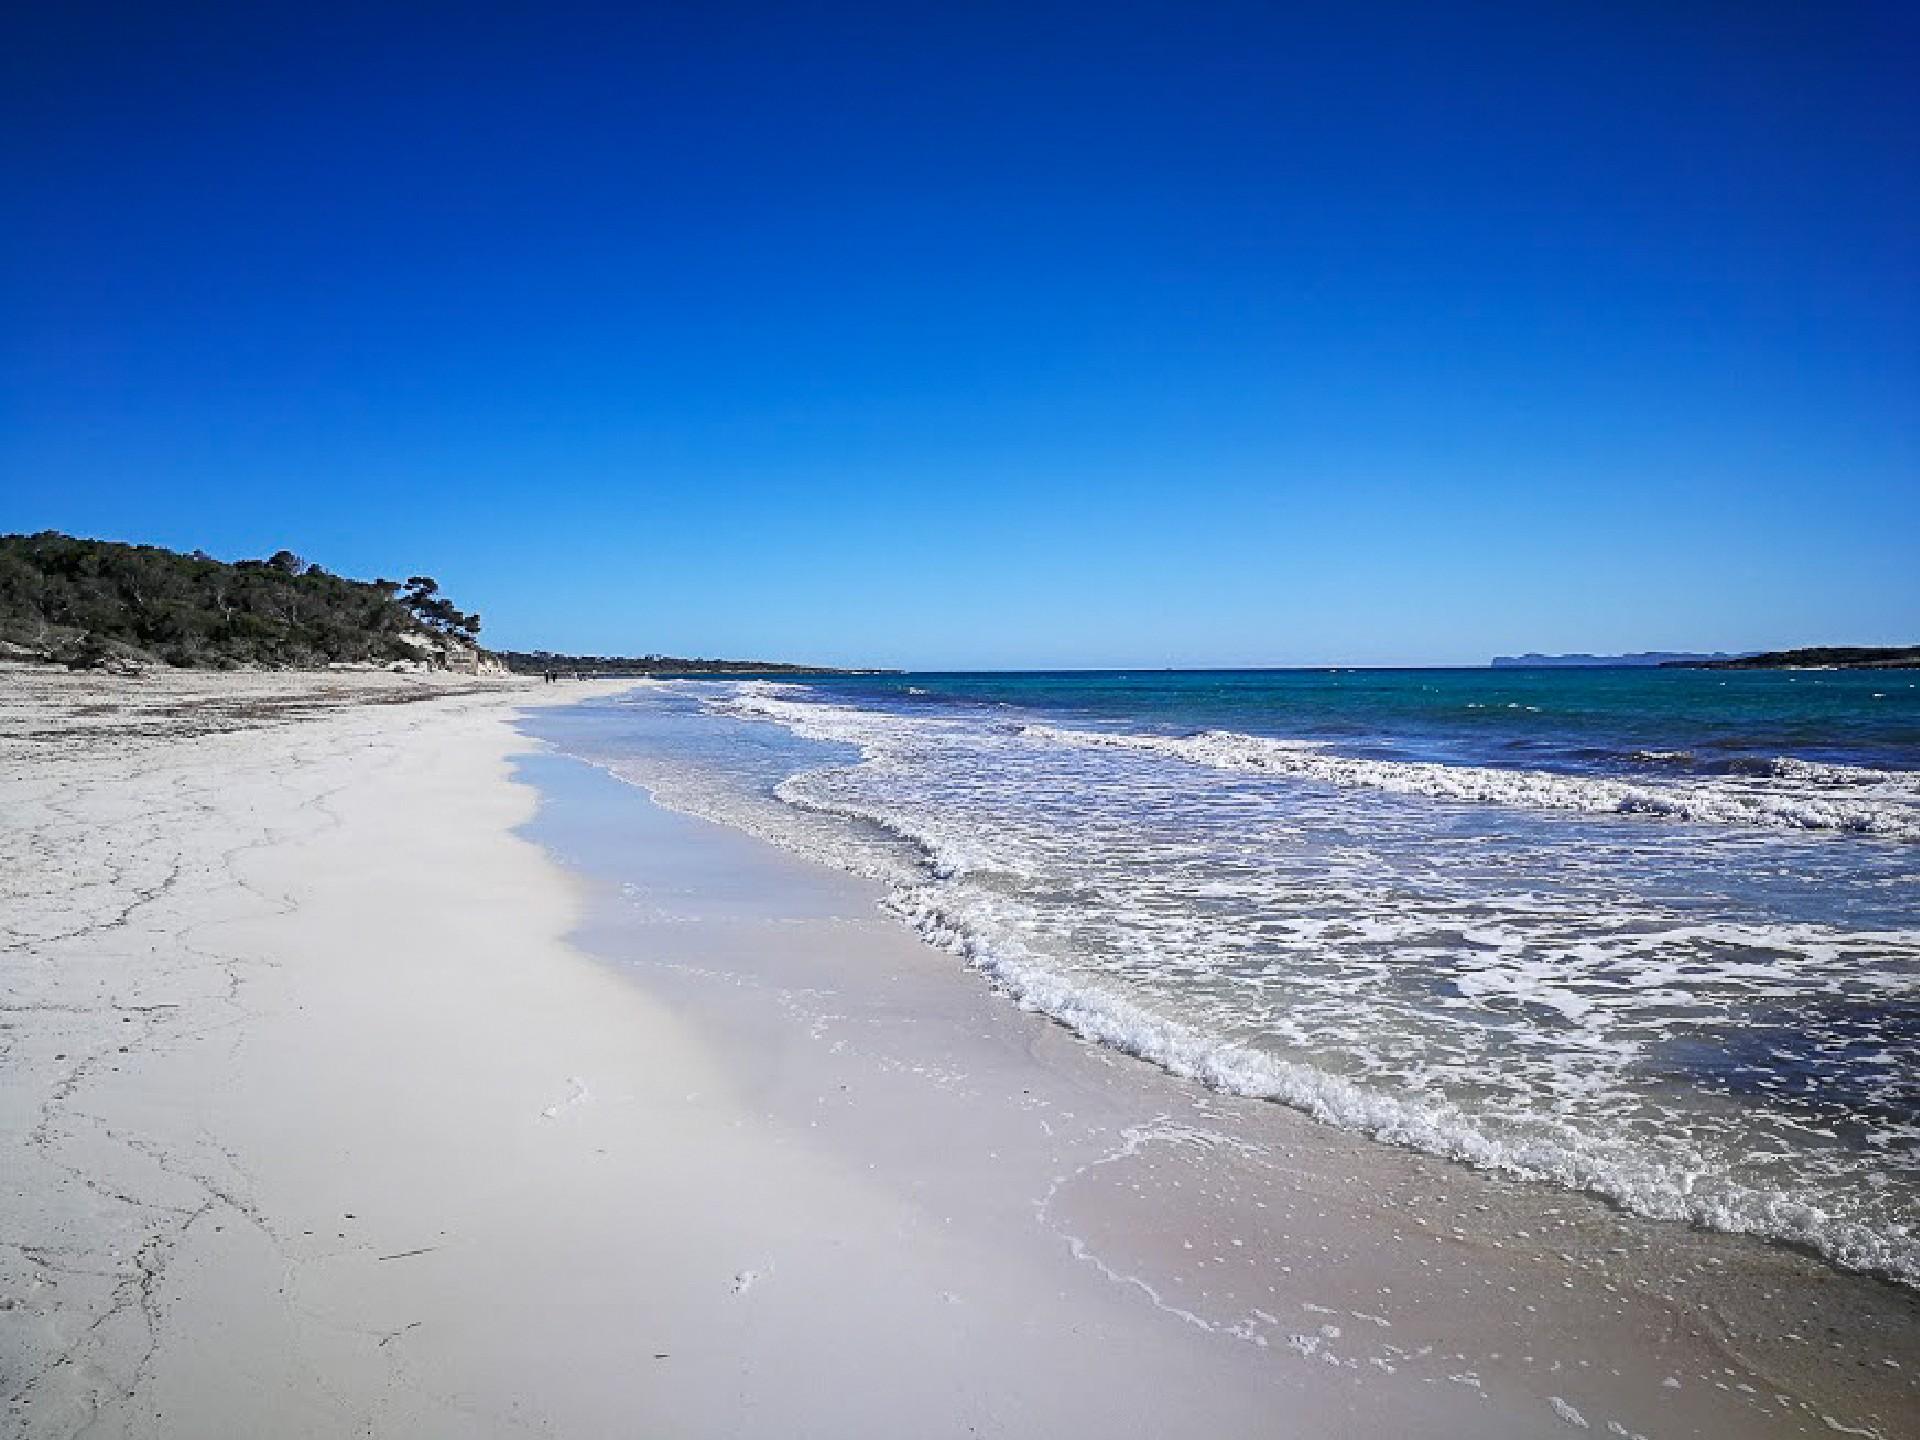 Krásná písečná pláž Es Carbó na Mallorce